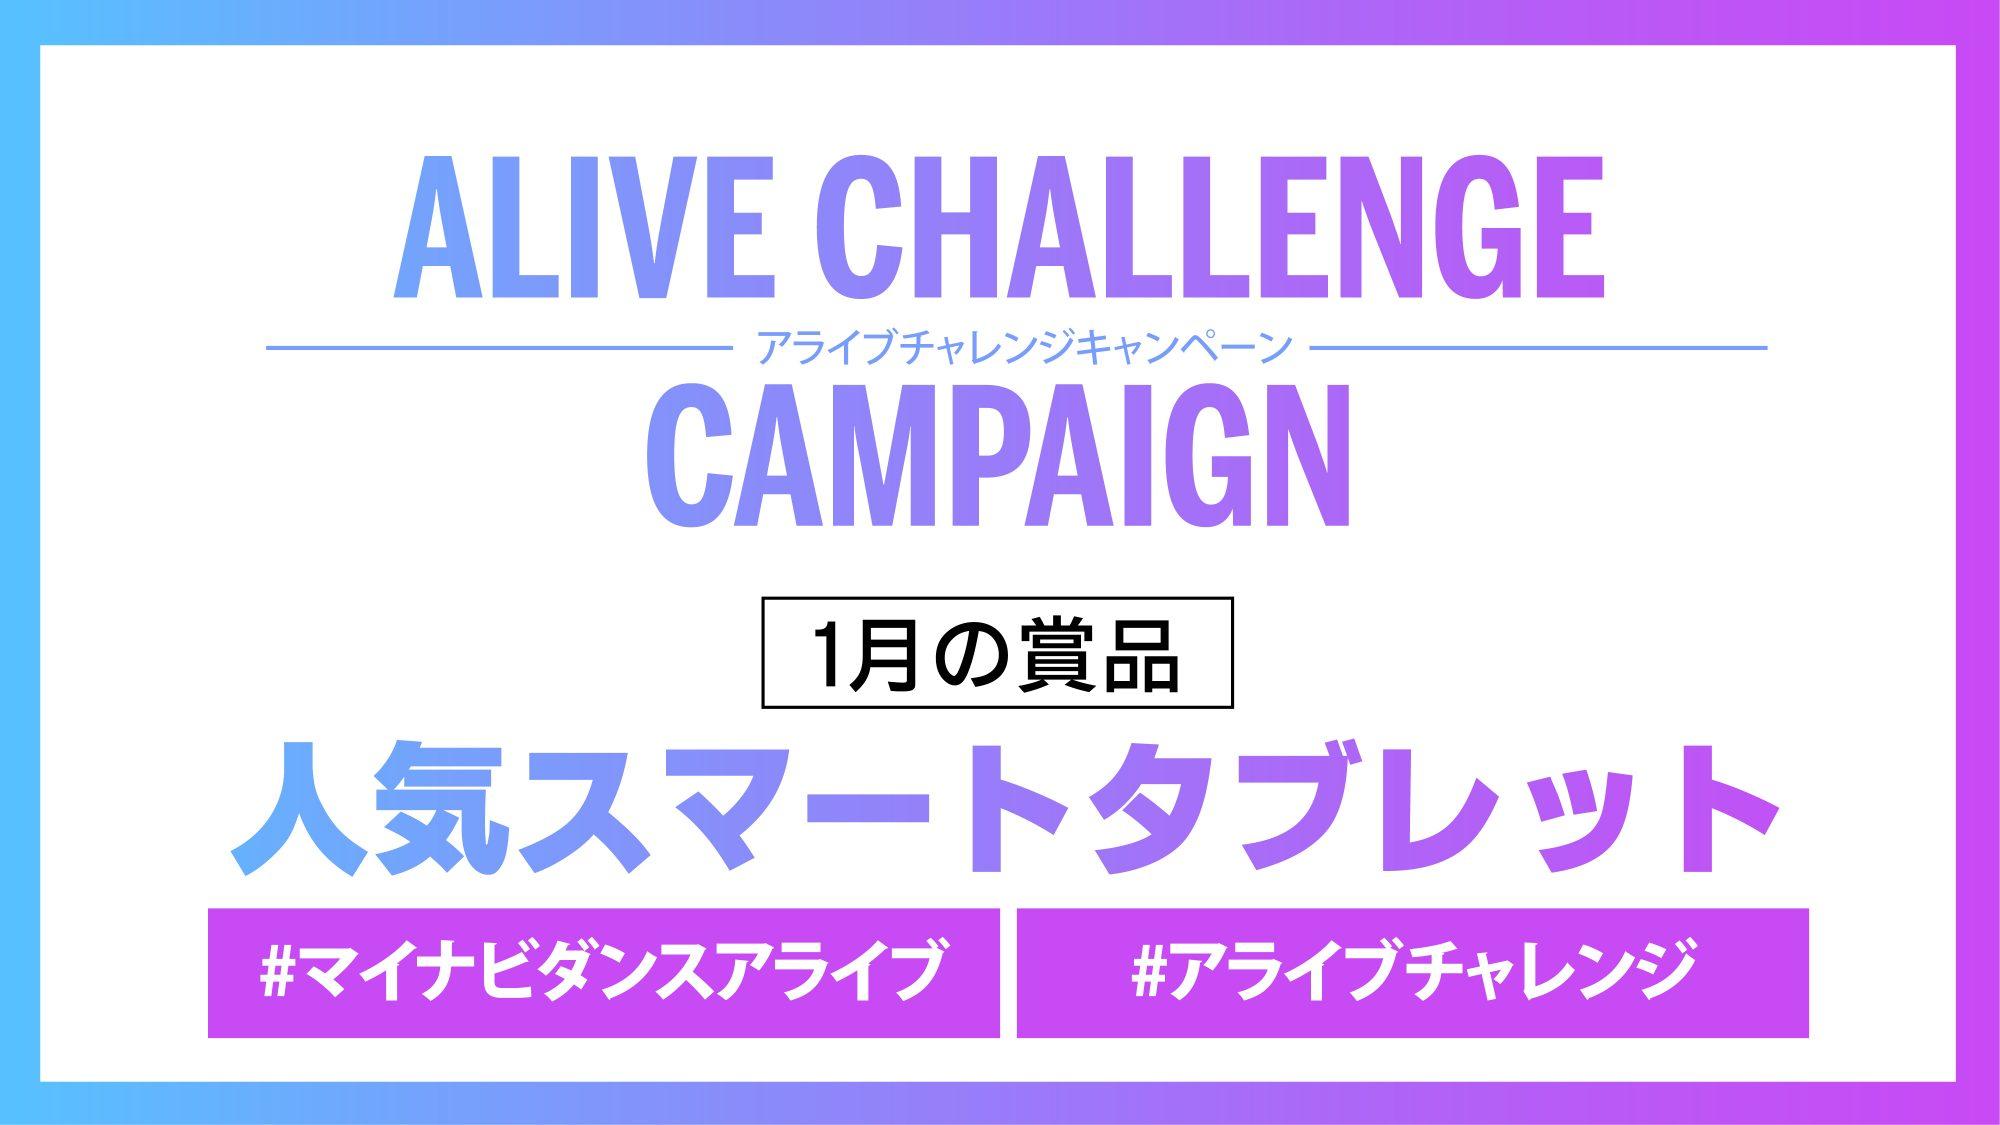 1月のアライブチャレンジキャンペーンが公開!